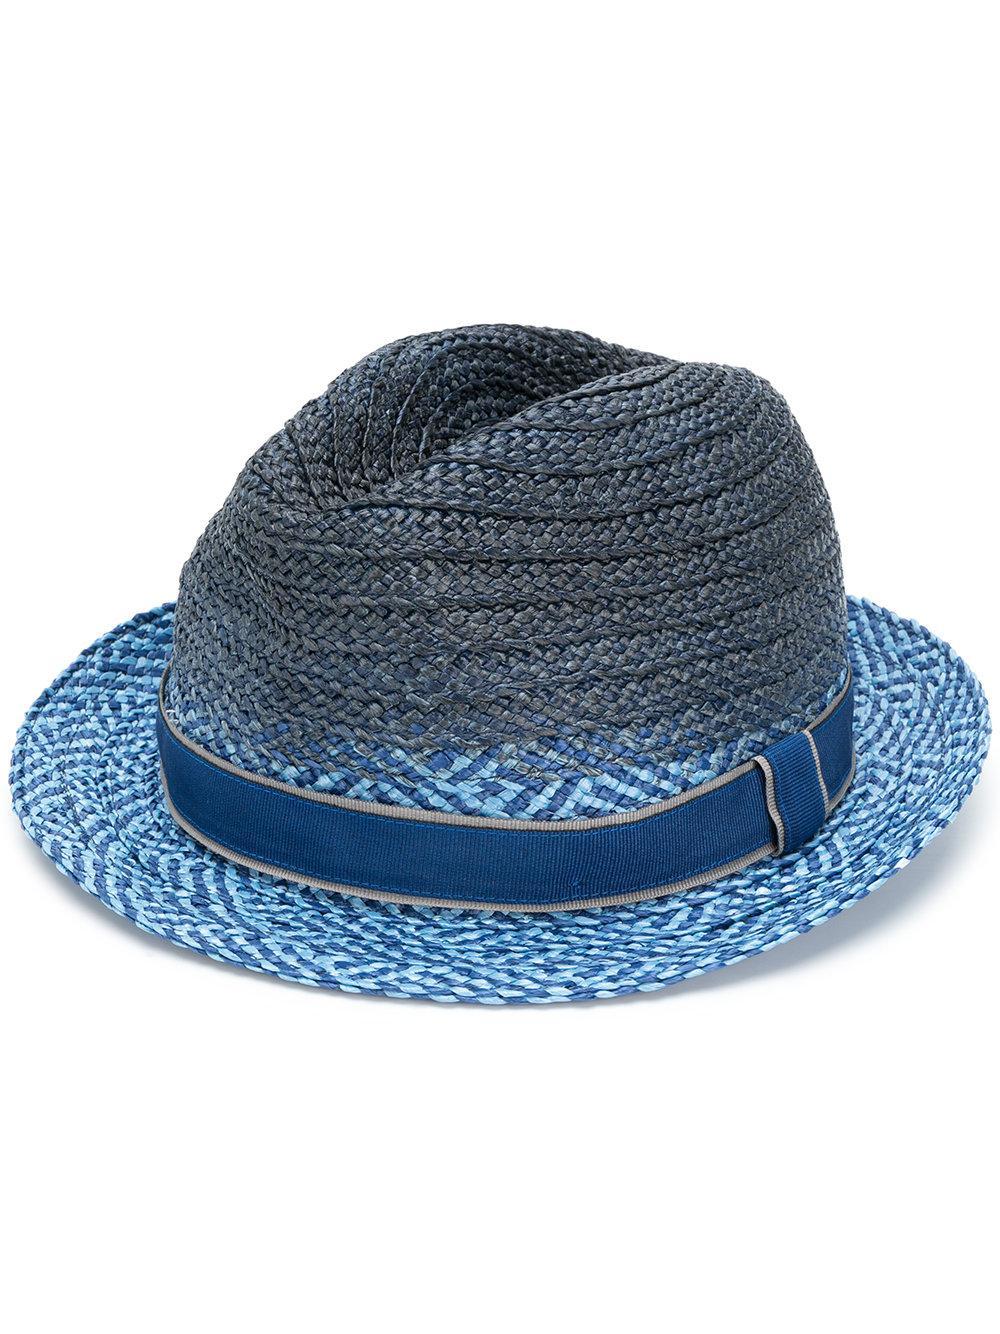 ec76ac32 Paul Smith Straw Hat | ModeSens